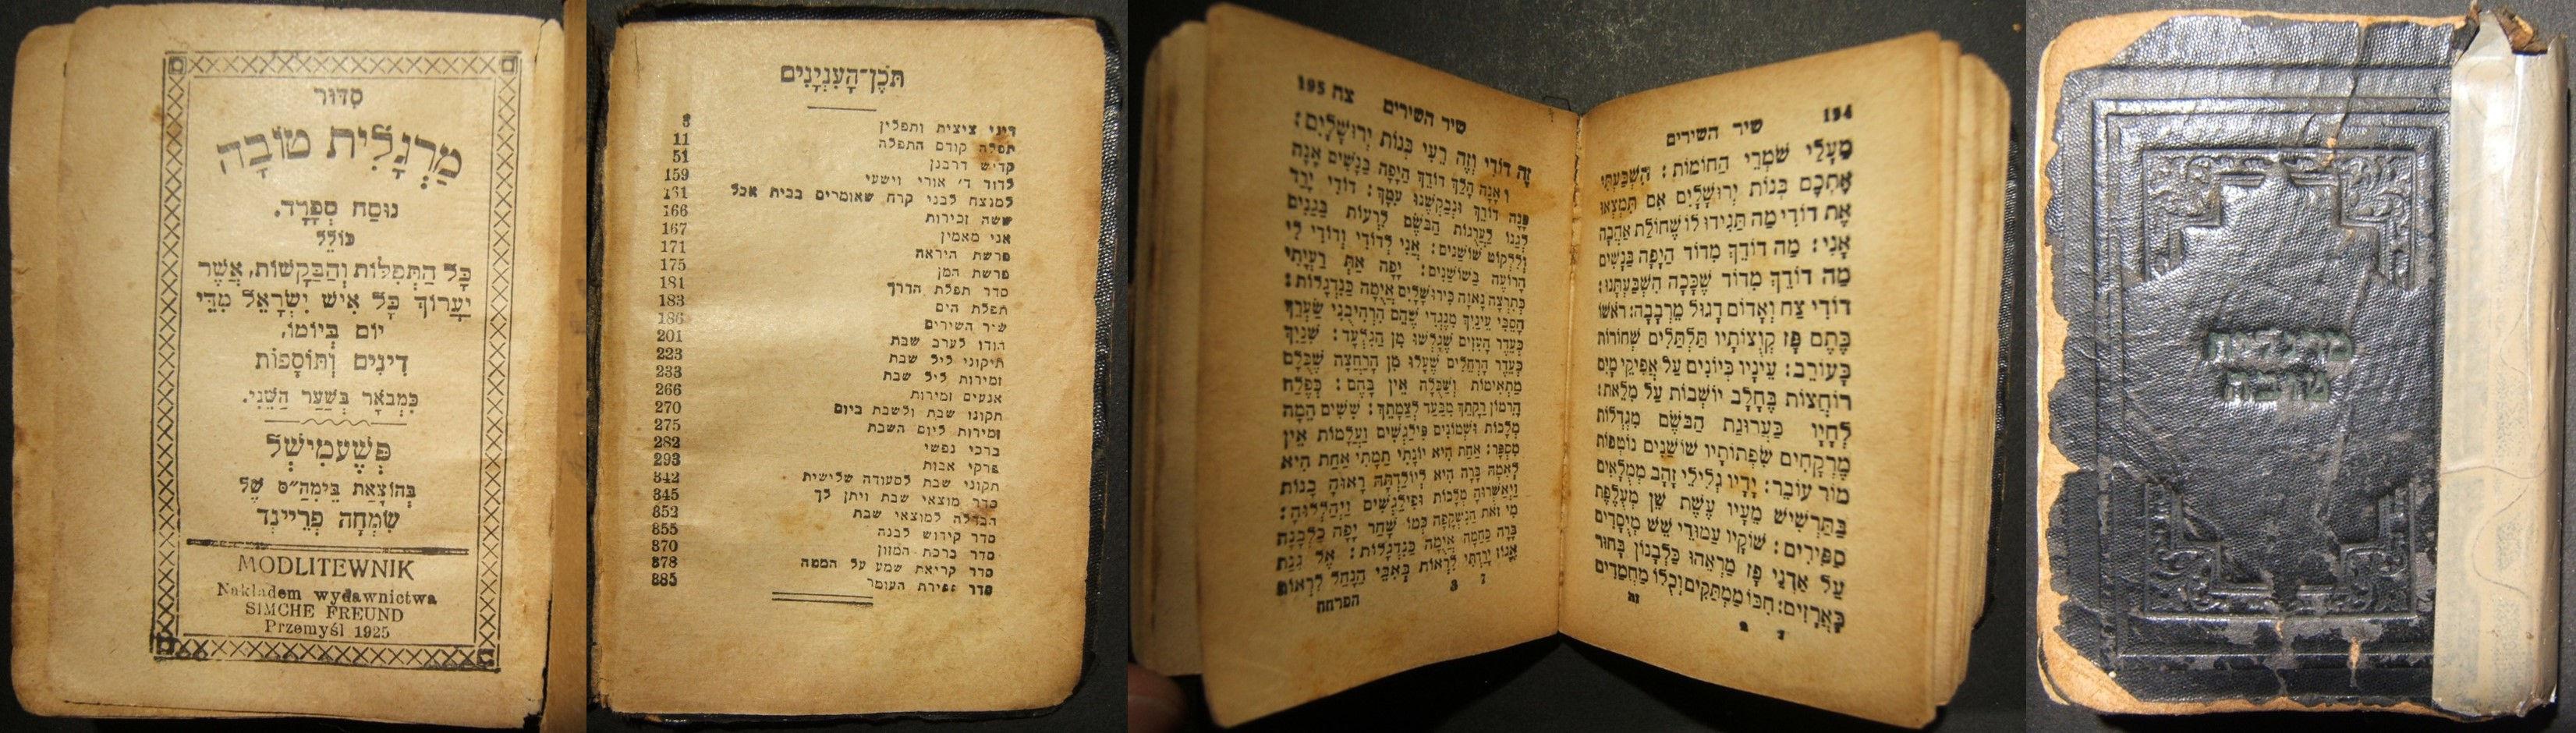 Polnische Judaica Sfard Pocket Siddur Margalit Tova 1925 von Simche Freund, Przemysl